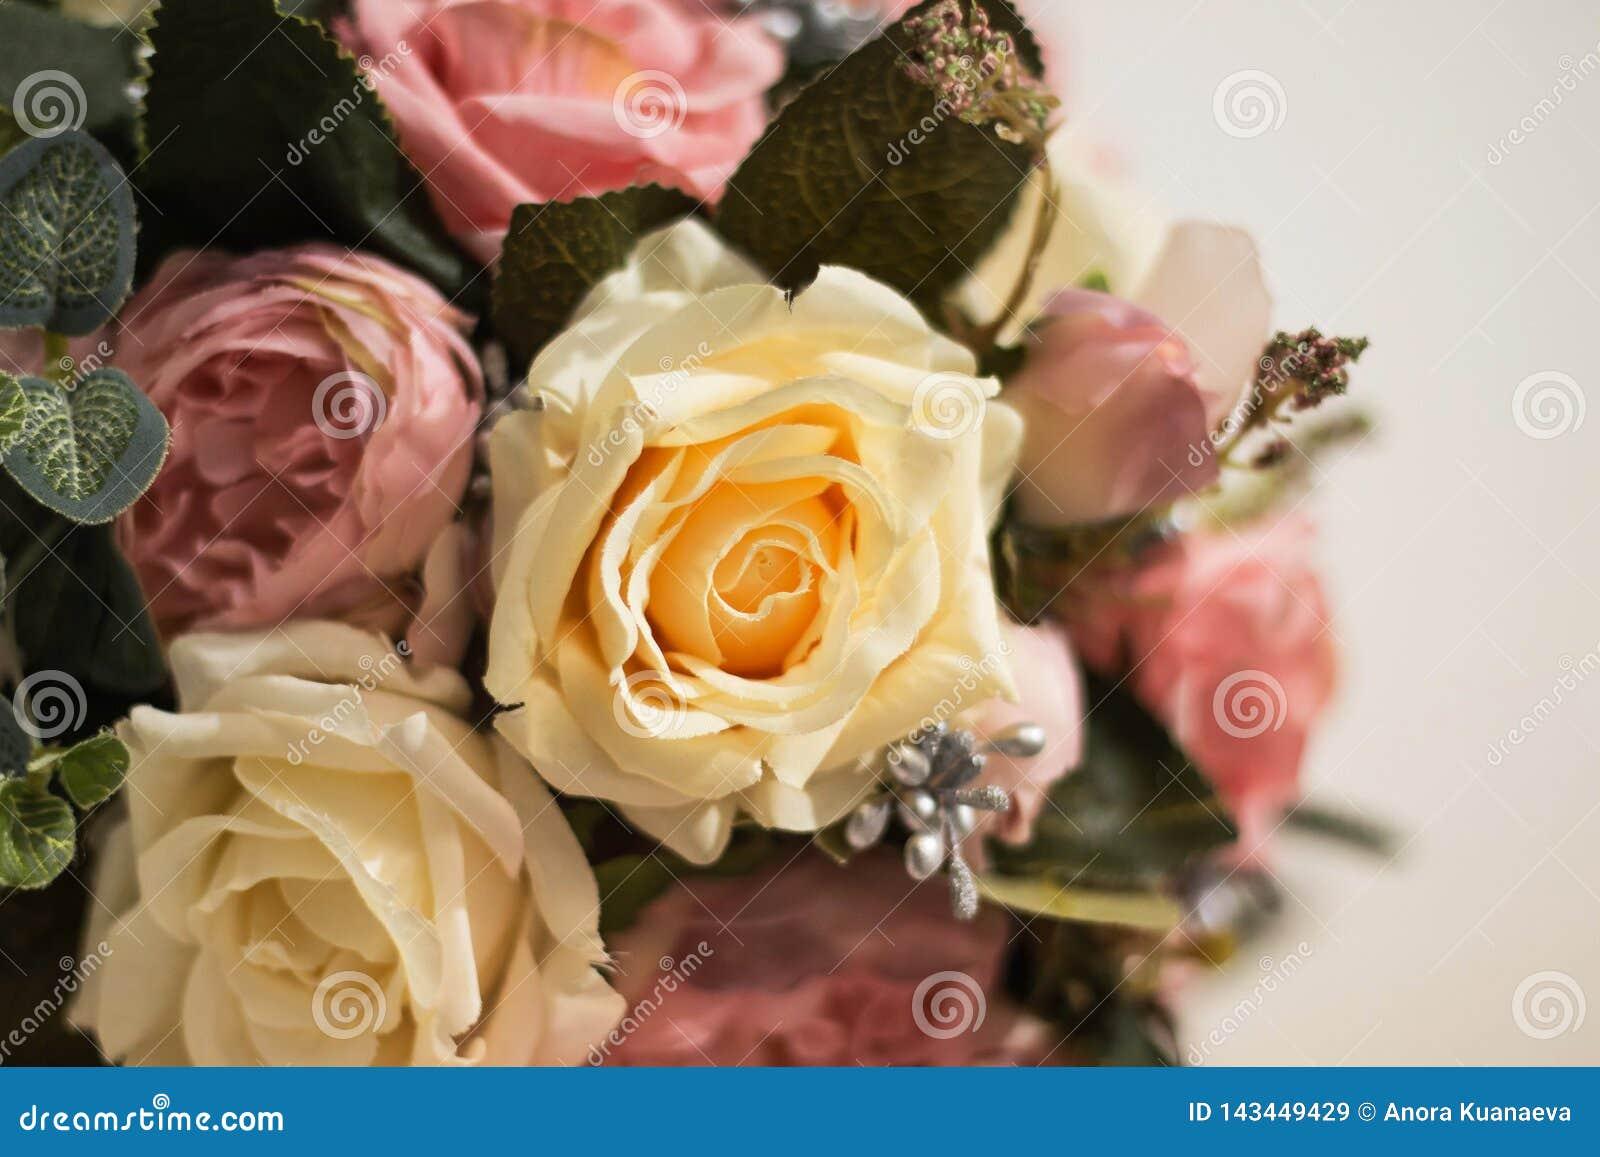 Blumenstrauß von Rosen